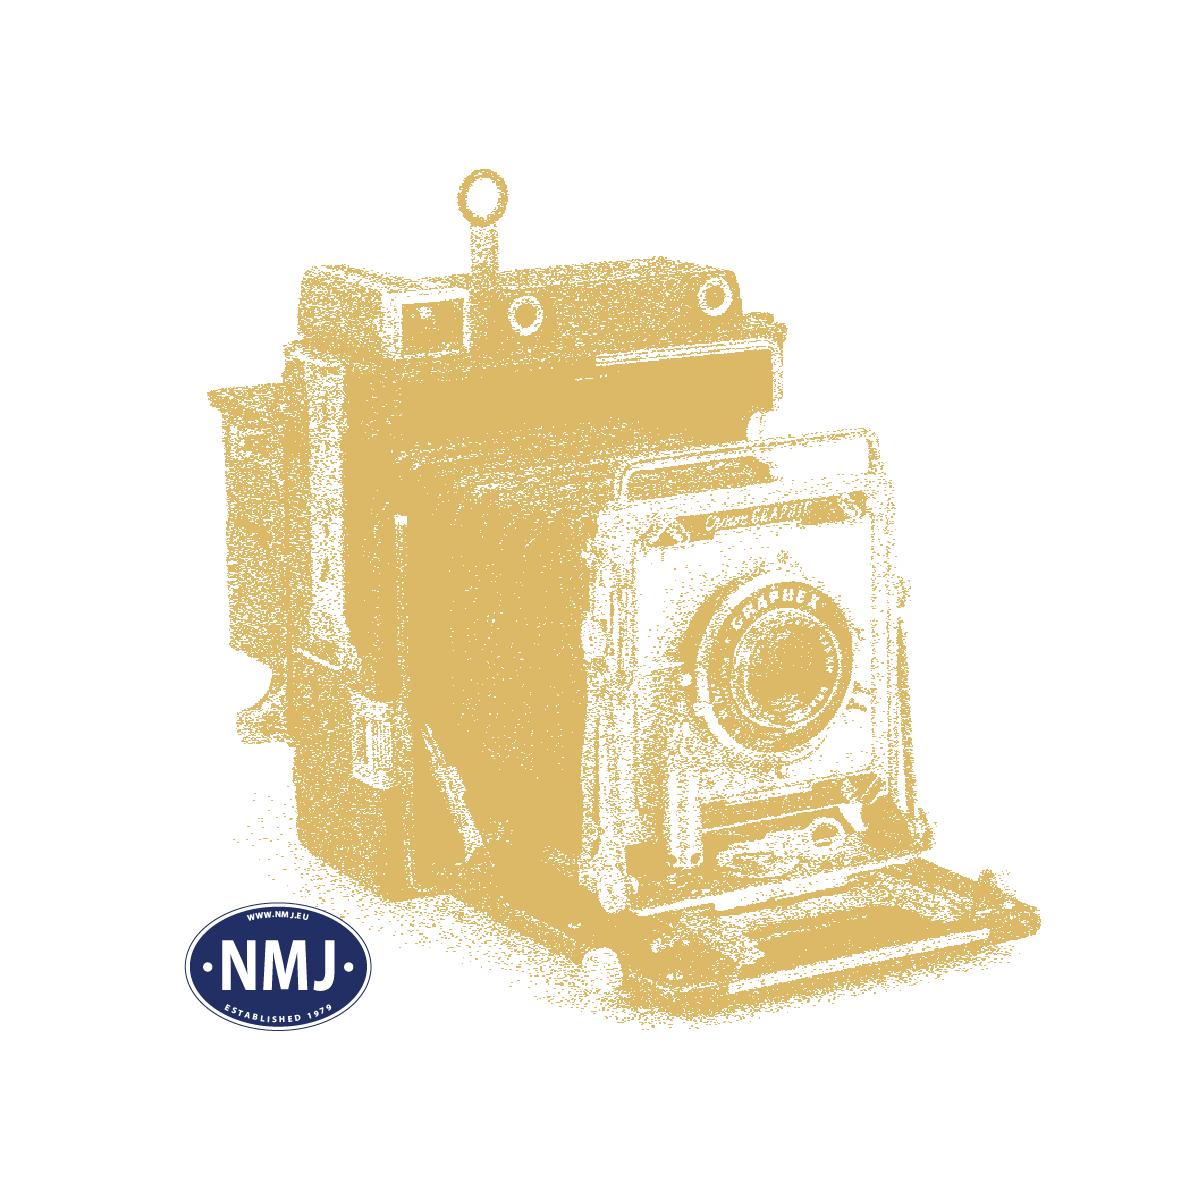 NMJT505.203 - NMJ Topline NSB Rps 31 76 393 3 199-0 m/ Finsam fliskasser